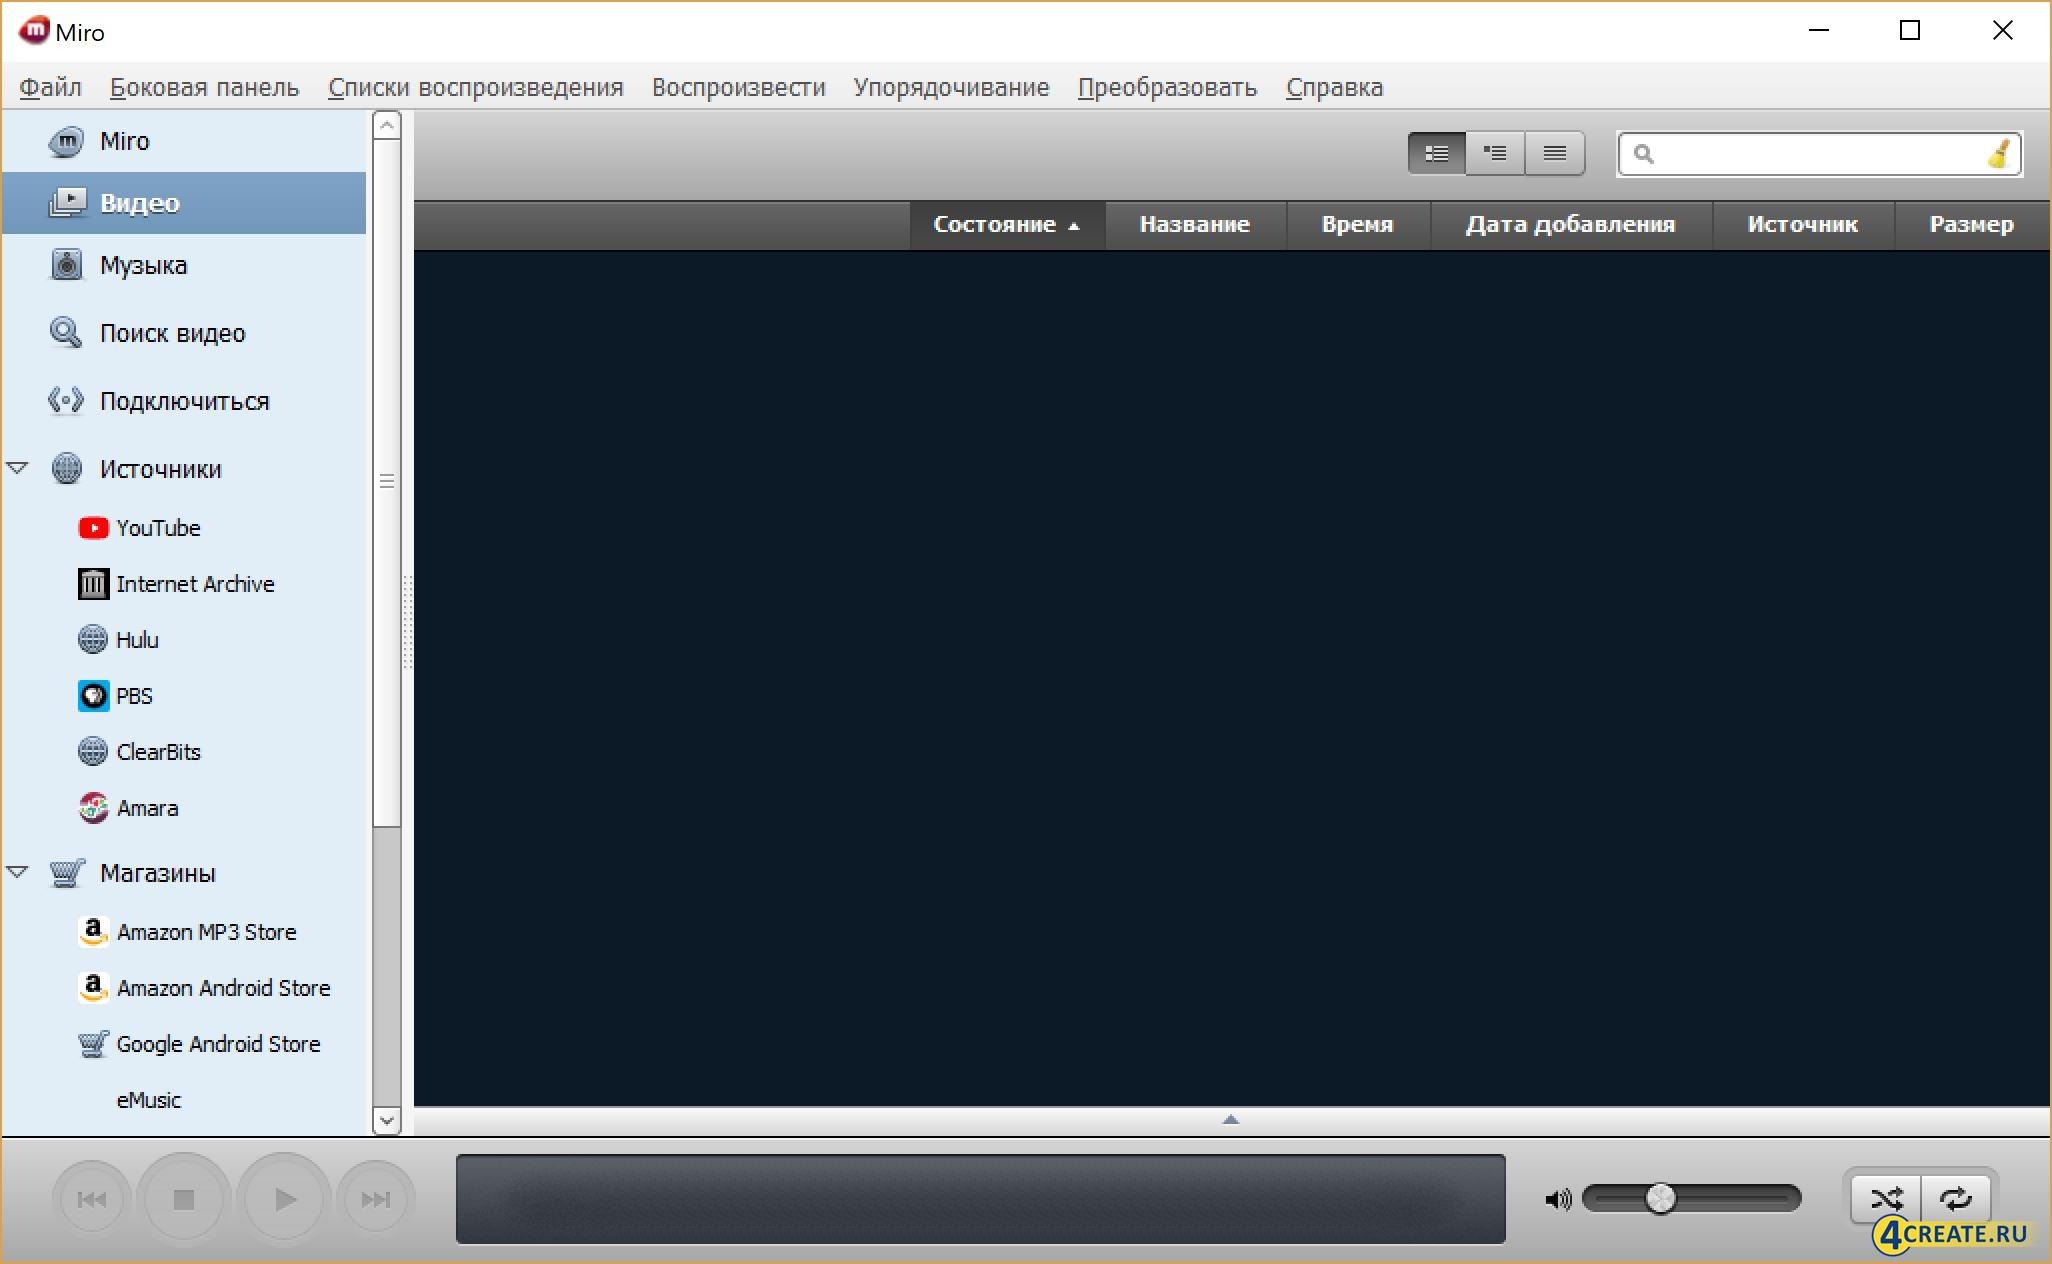 Miro 6.0 (Скриншот 1)